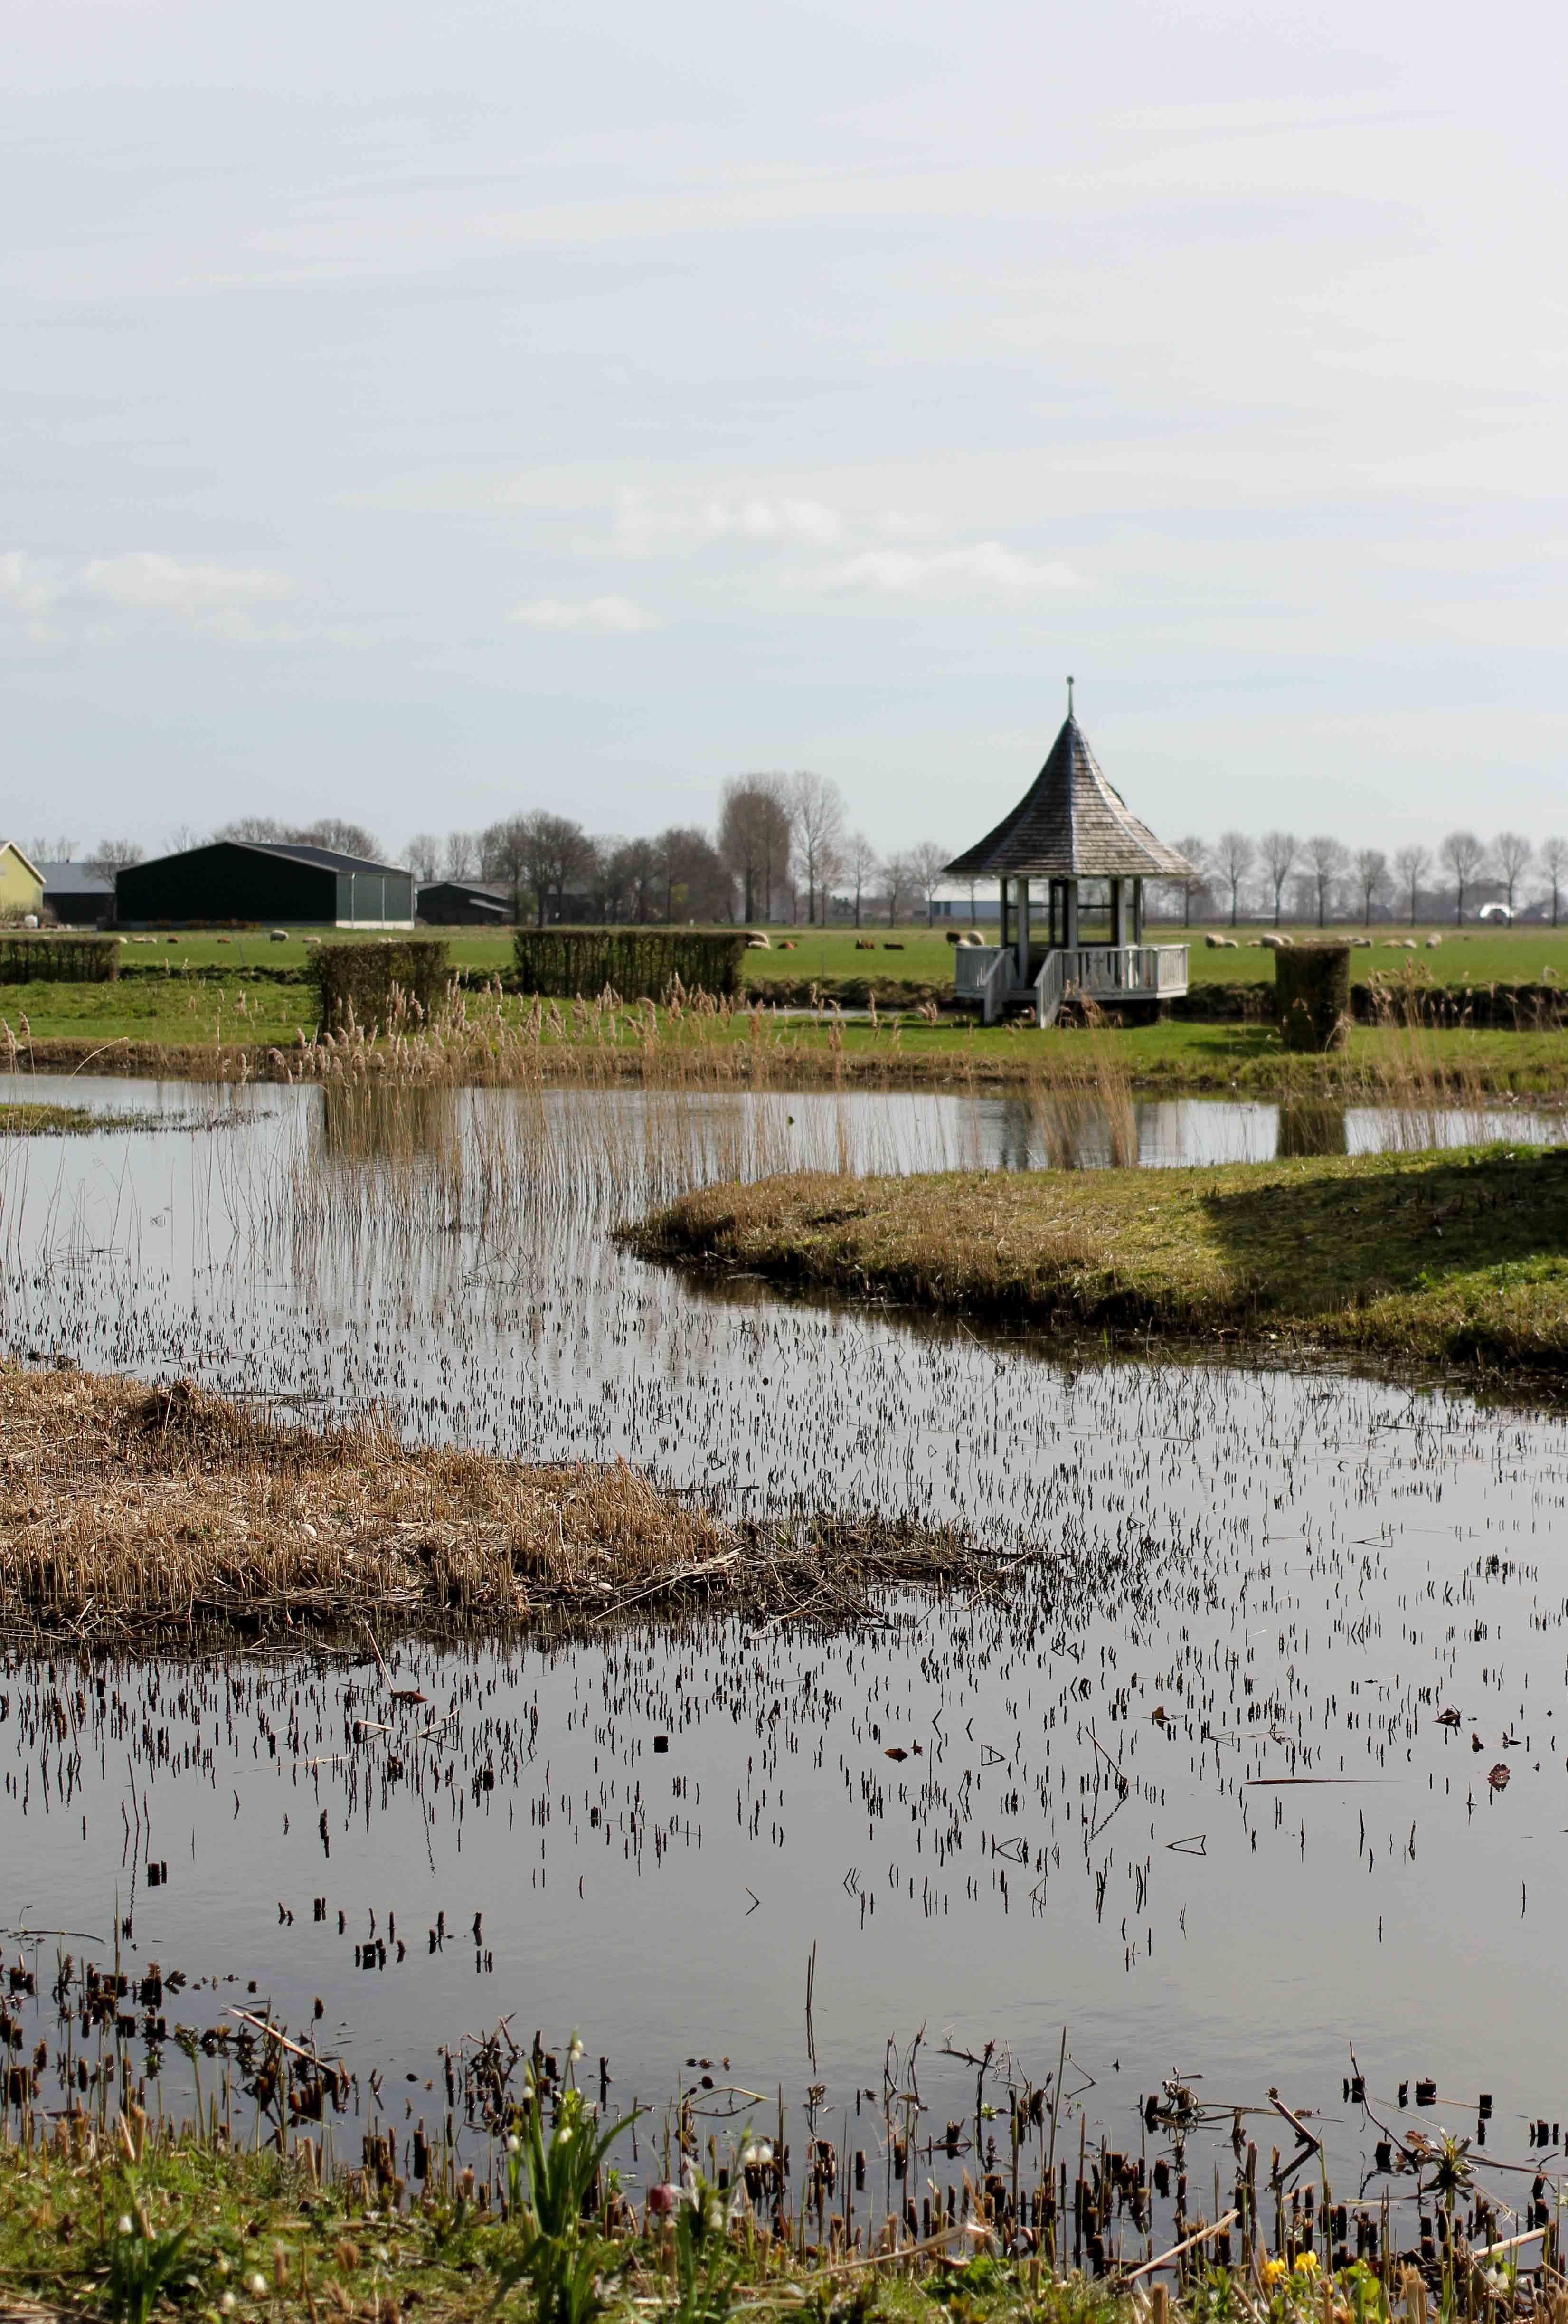 die Gärten von Appeltern Holland Wochenendtrip Tuinen van Appeltern das andere Holland Reiseblog Ausflug Deutschland See